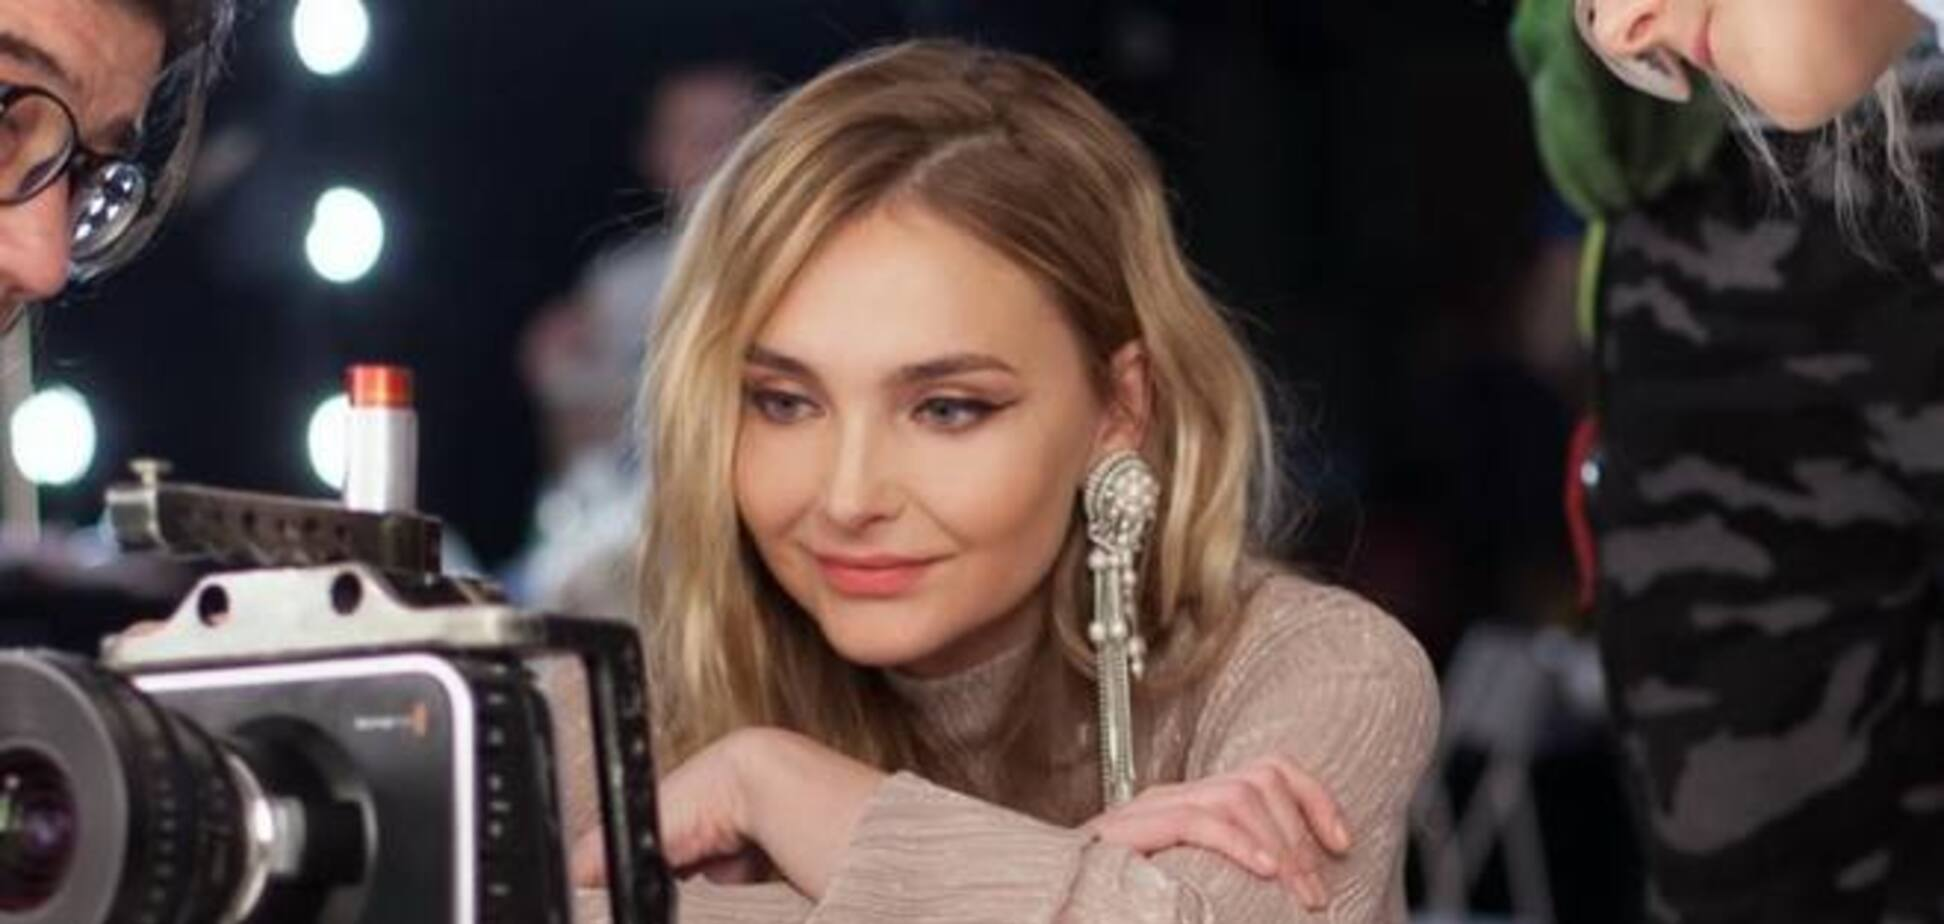 Знаменитая украинская модель Снежана Онопко рассказала, как ее избивал муж-олигарх